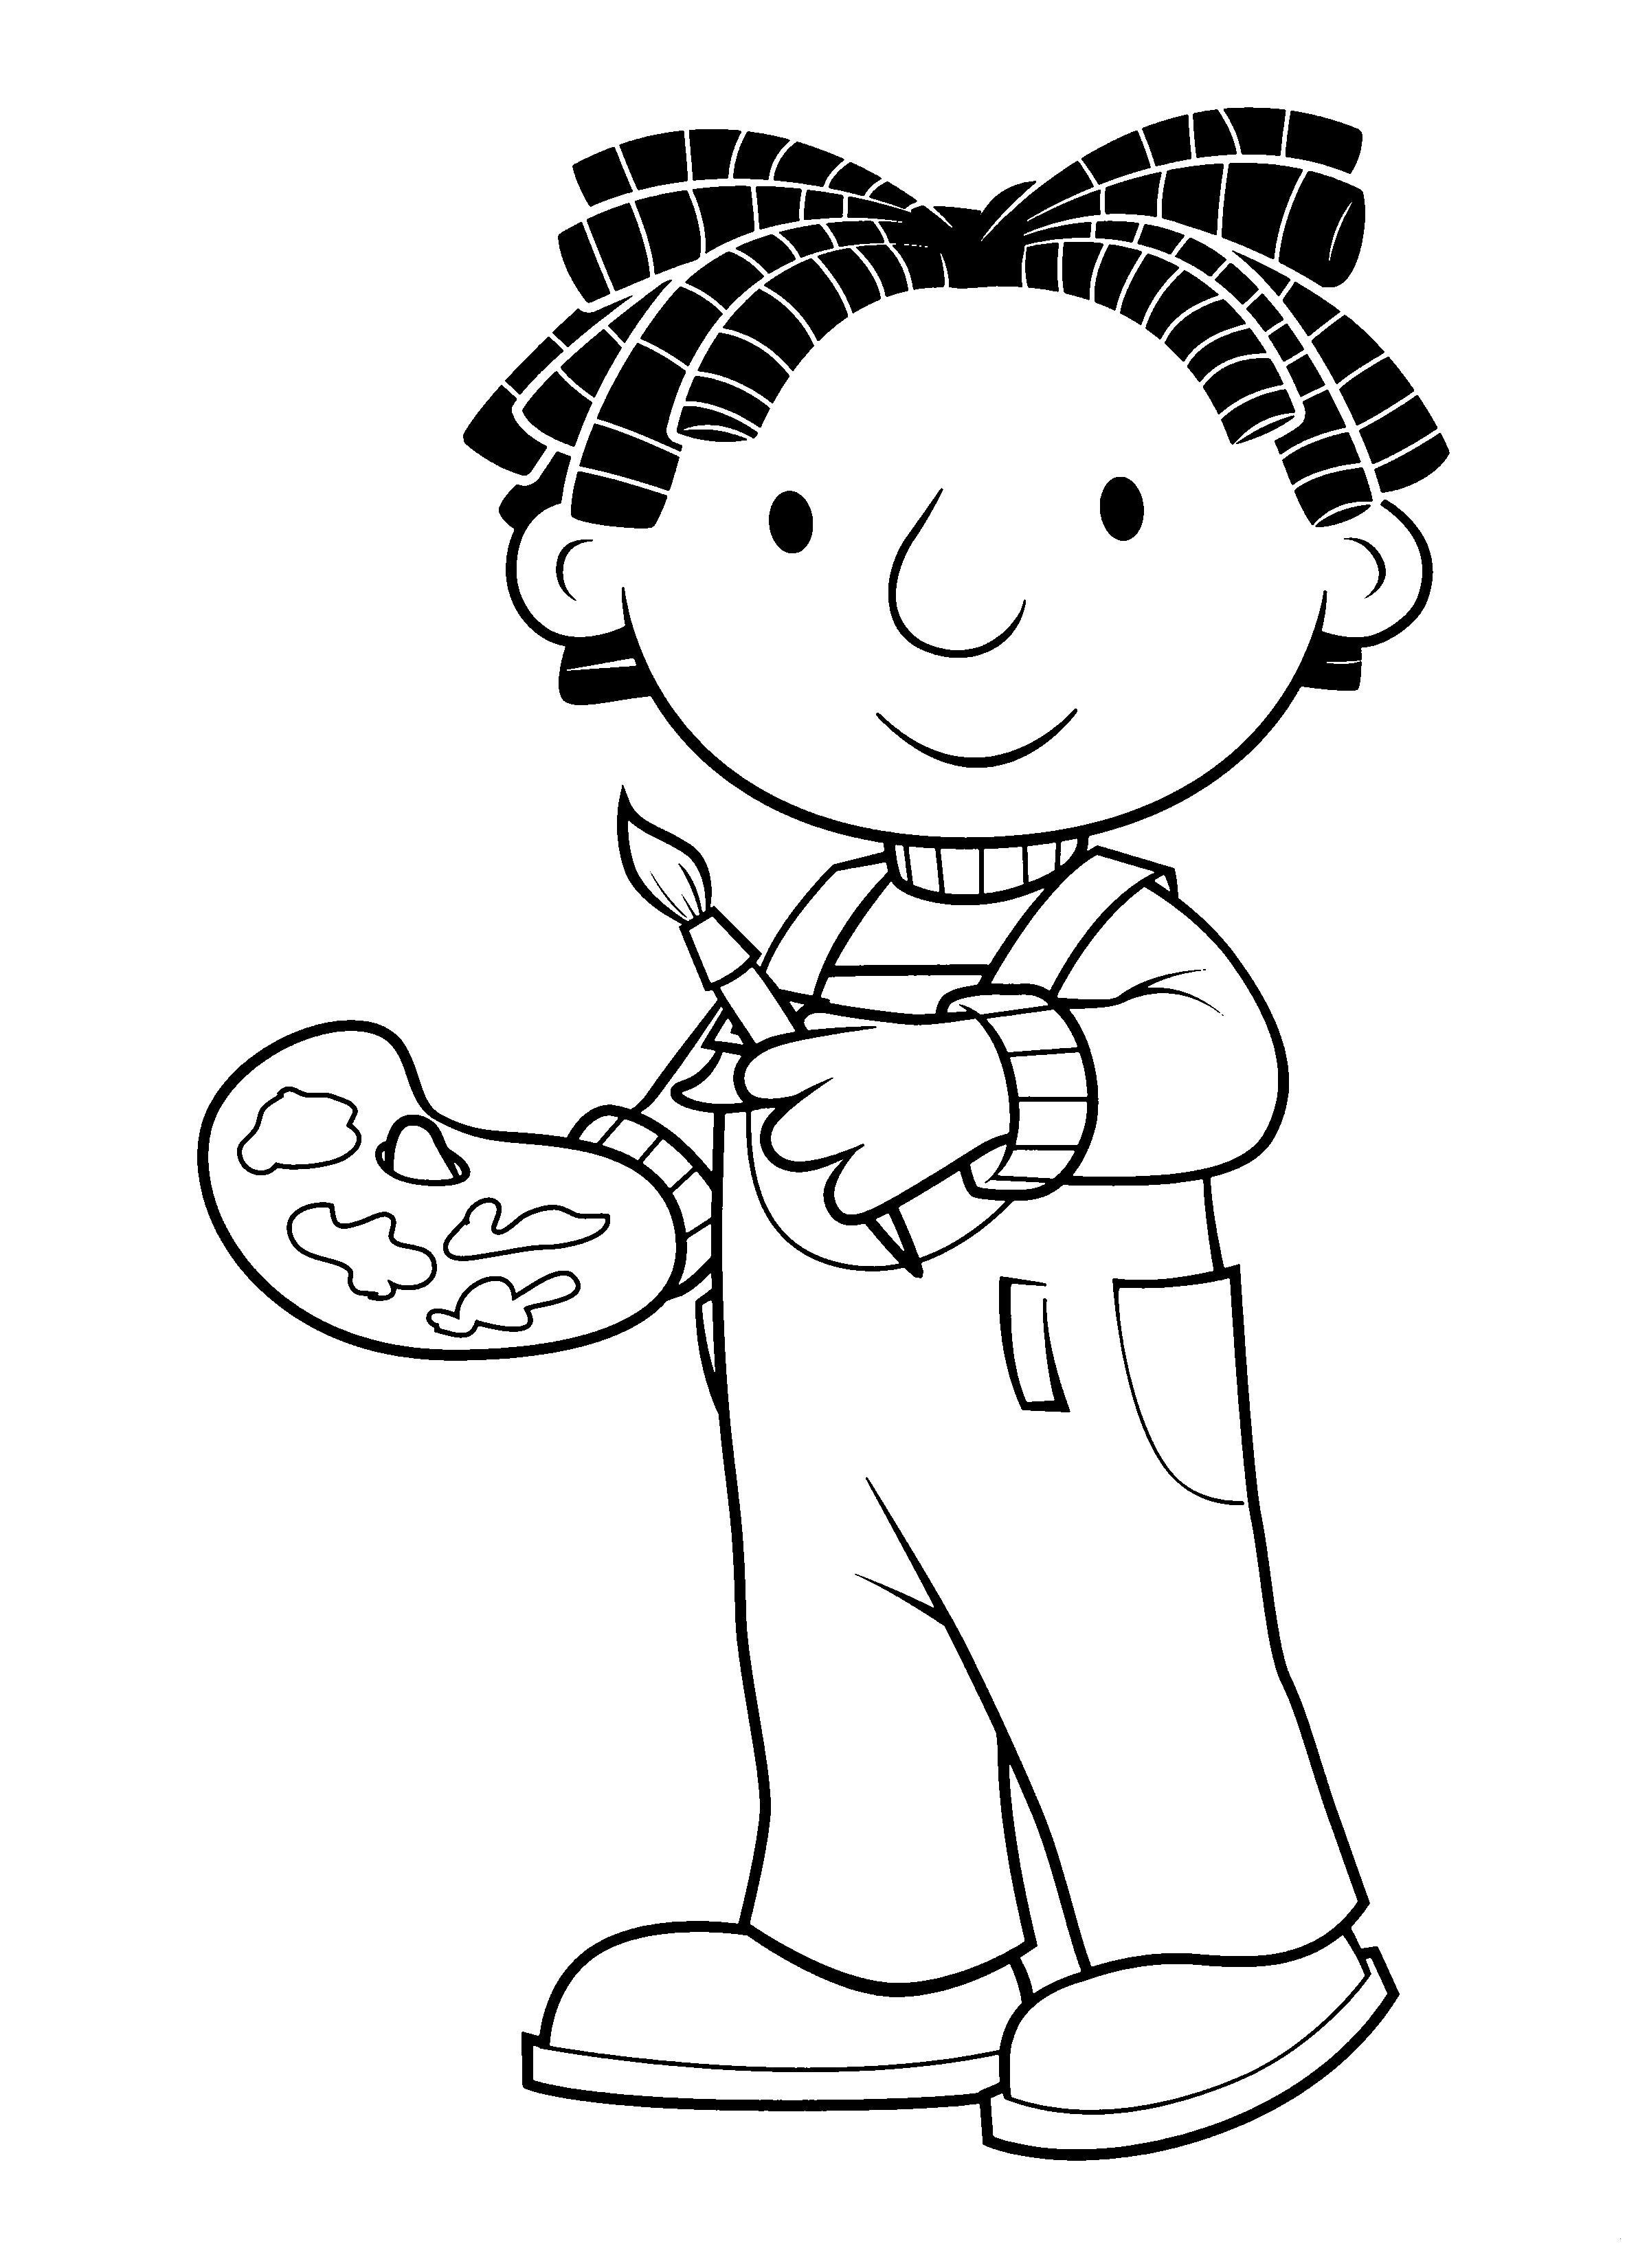 Minions Ausmalbilder Bob Teddy Frisch 31 Fantastisch Malvorlagen Minions – Malvorlagen Ideen Stock